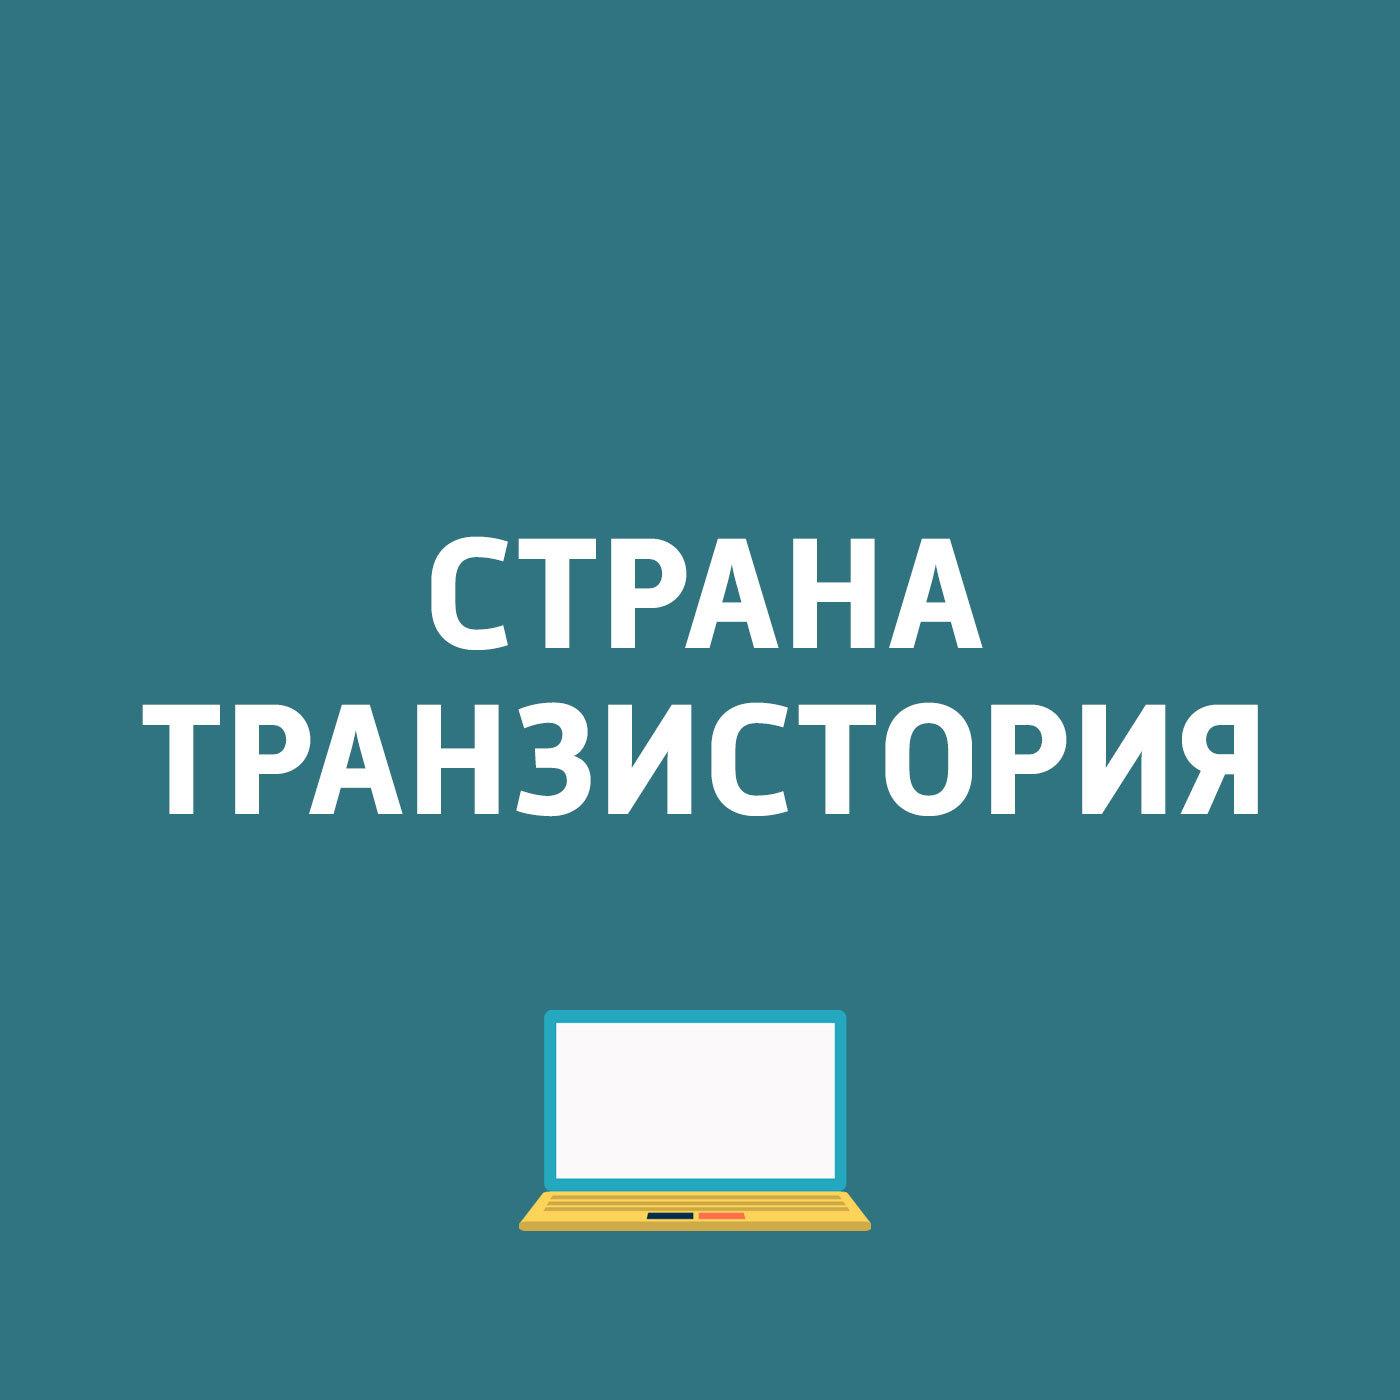 Картаев Павел Archos объявила о старте продаж планшета 70c Neon в России ноутбук hp 15 bw040ur 2bt60ea